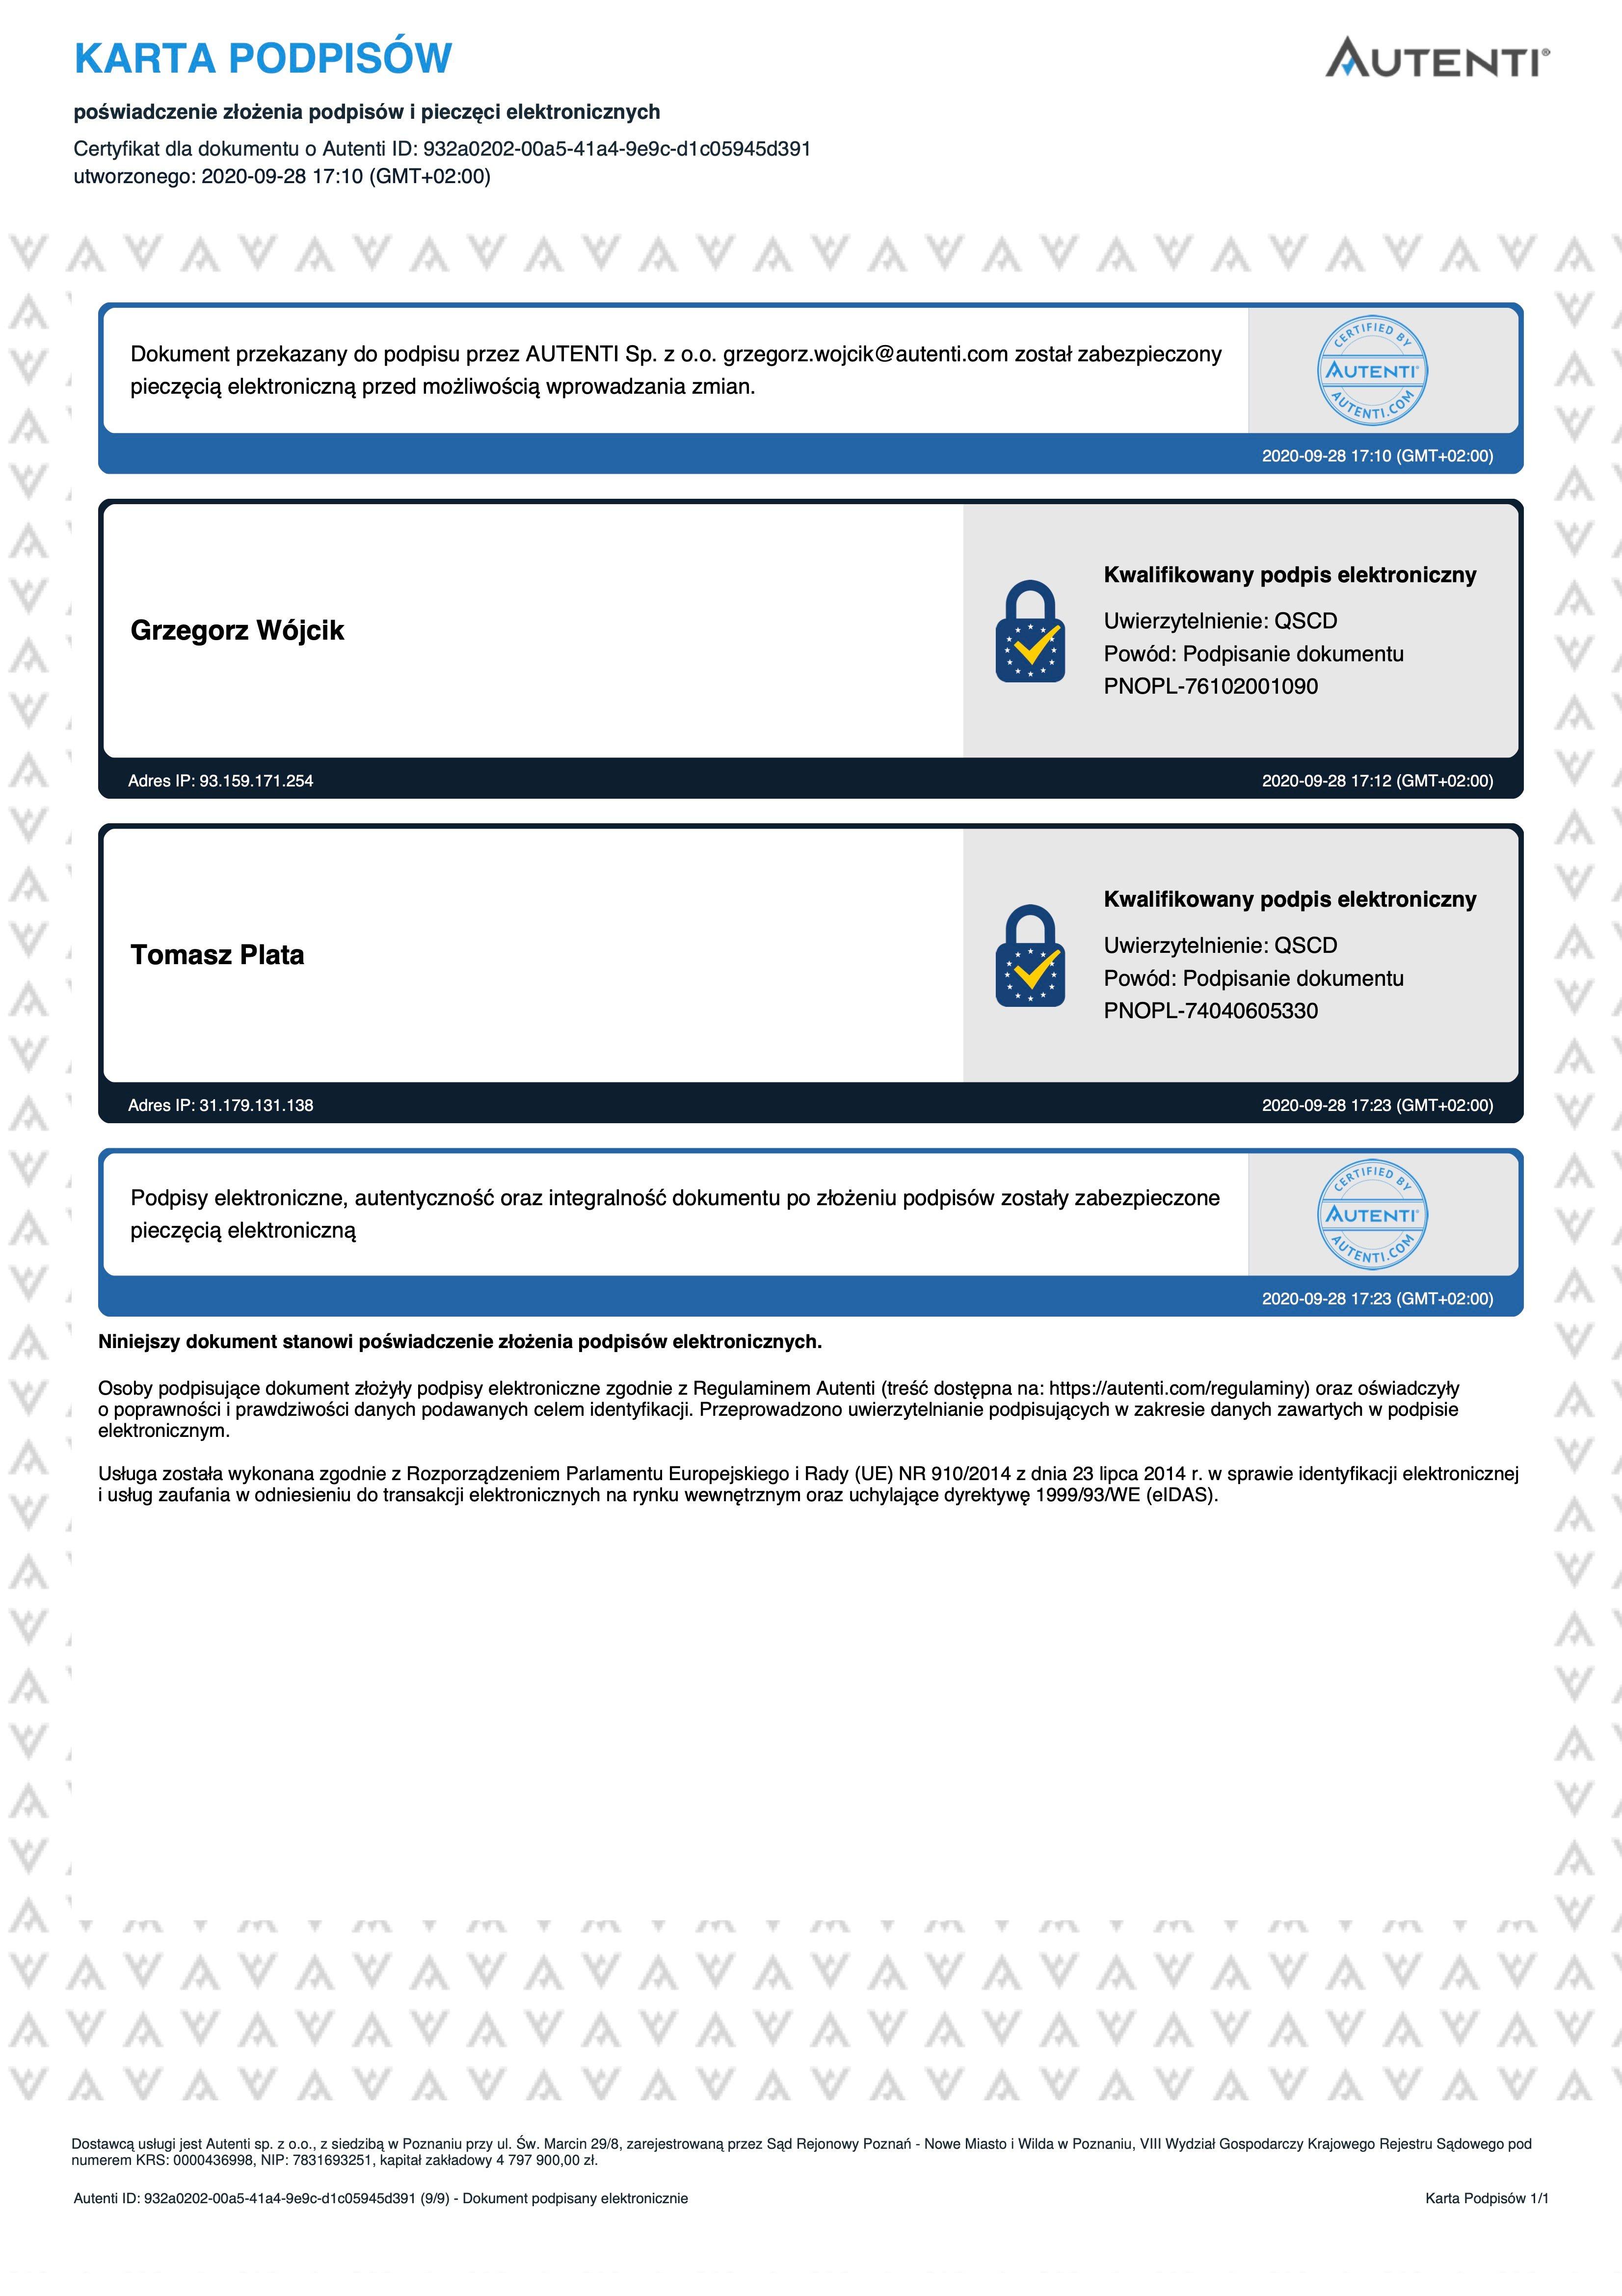 Karta Podpisów